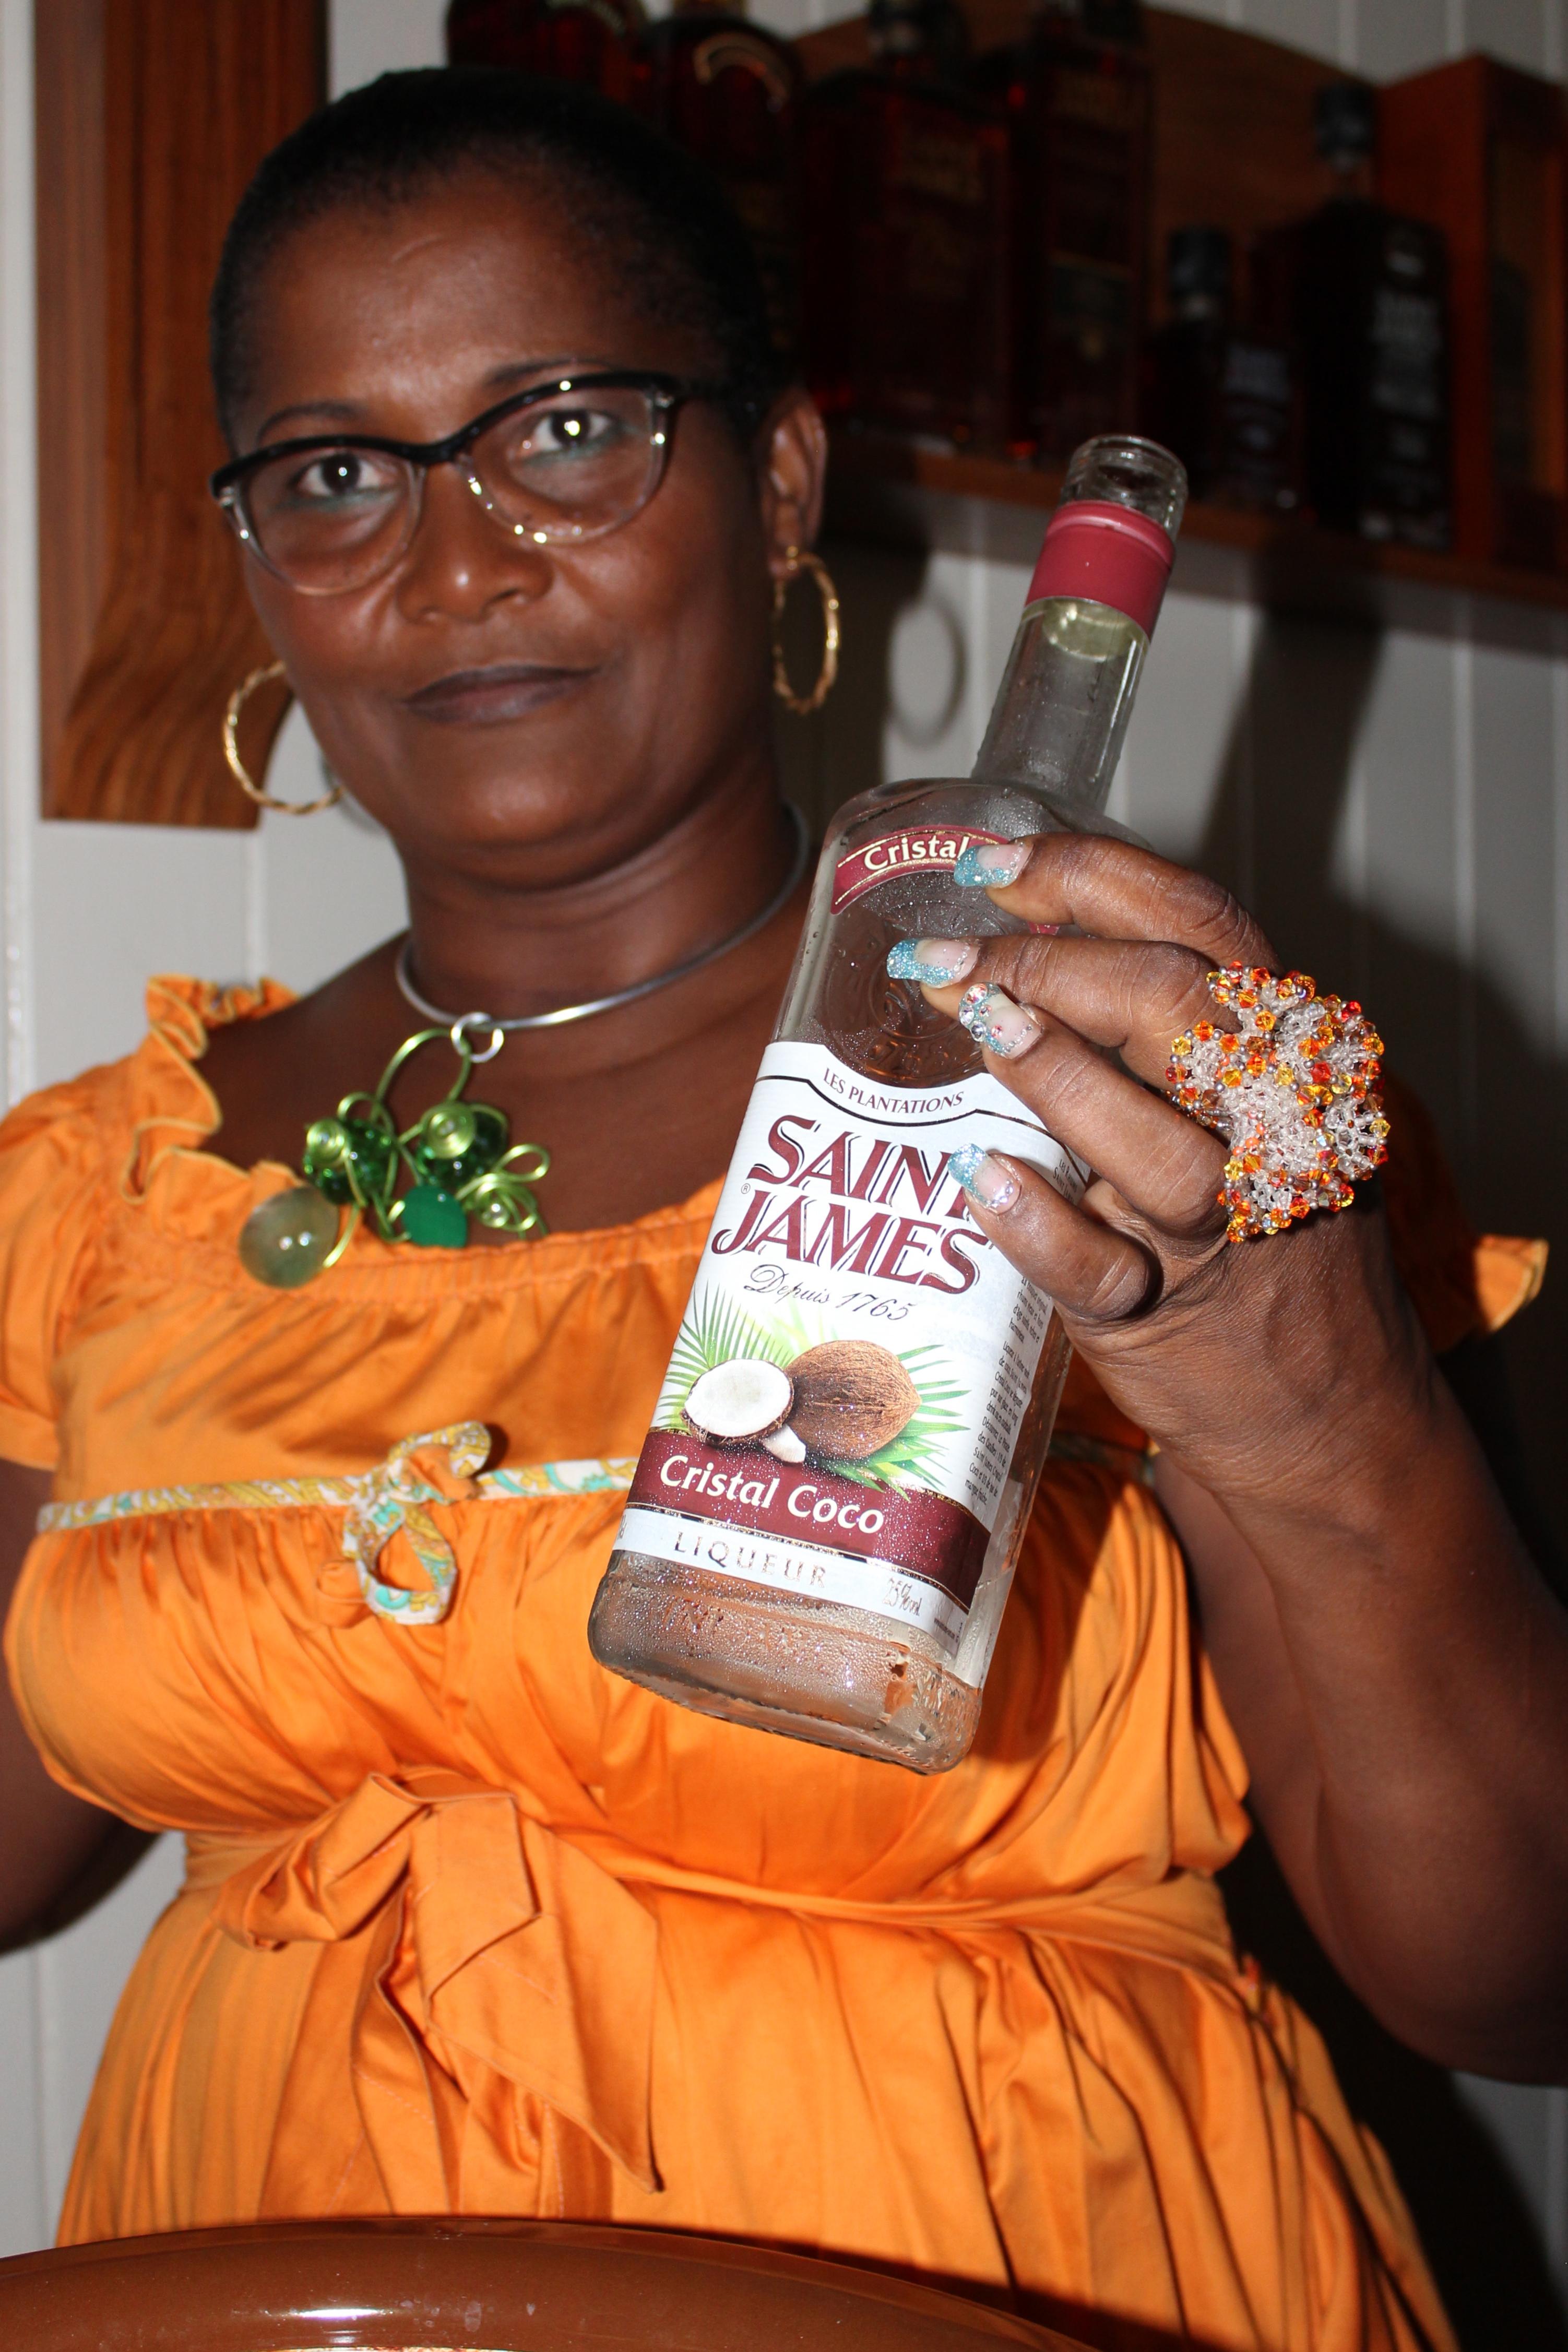 St. James Rum in Martinique. (Photo: Nicole Clausing)